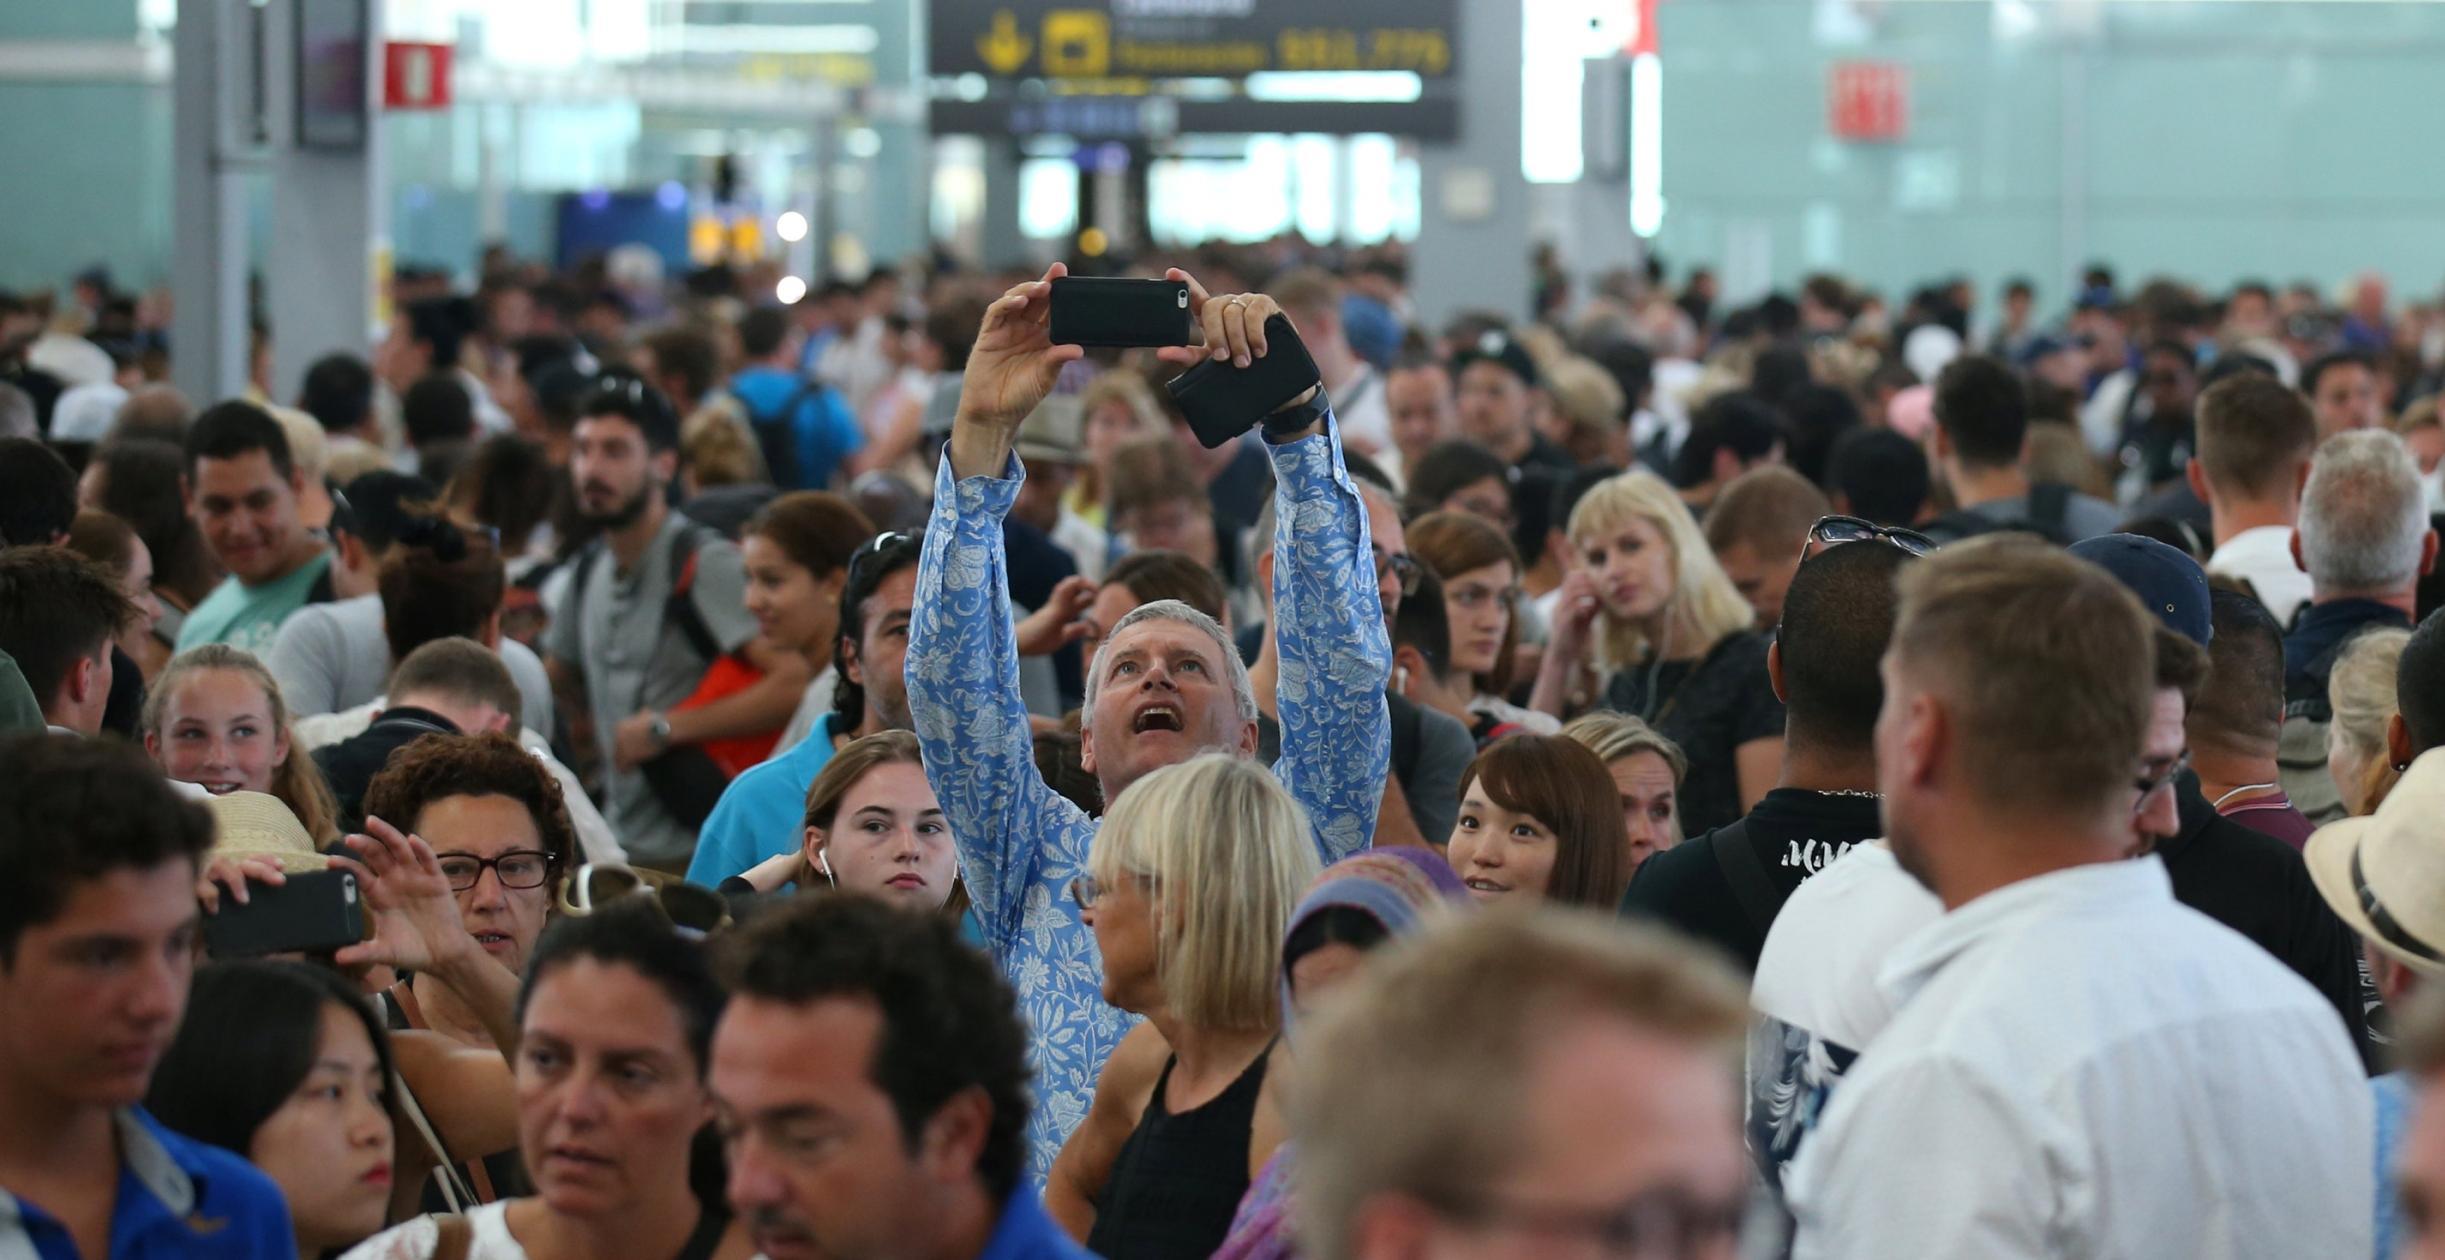 Un hombre toma una foto con su smartphone de las largas colas de pasajeros en los controles de seguridad del aeropuerto de Barcelona-El Prat, en la primera jornada de paros de los trabajadores de Eulen, encargada de este servicio. REUTERS/Albert Gea